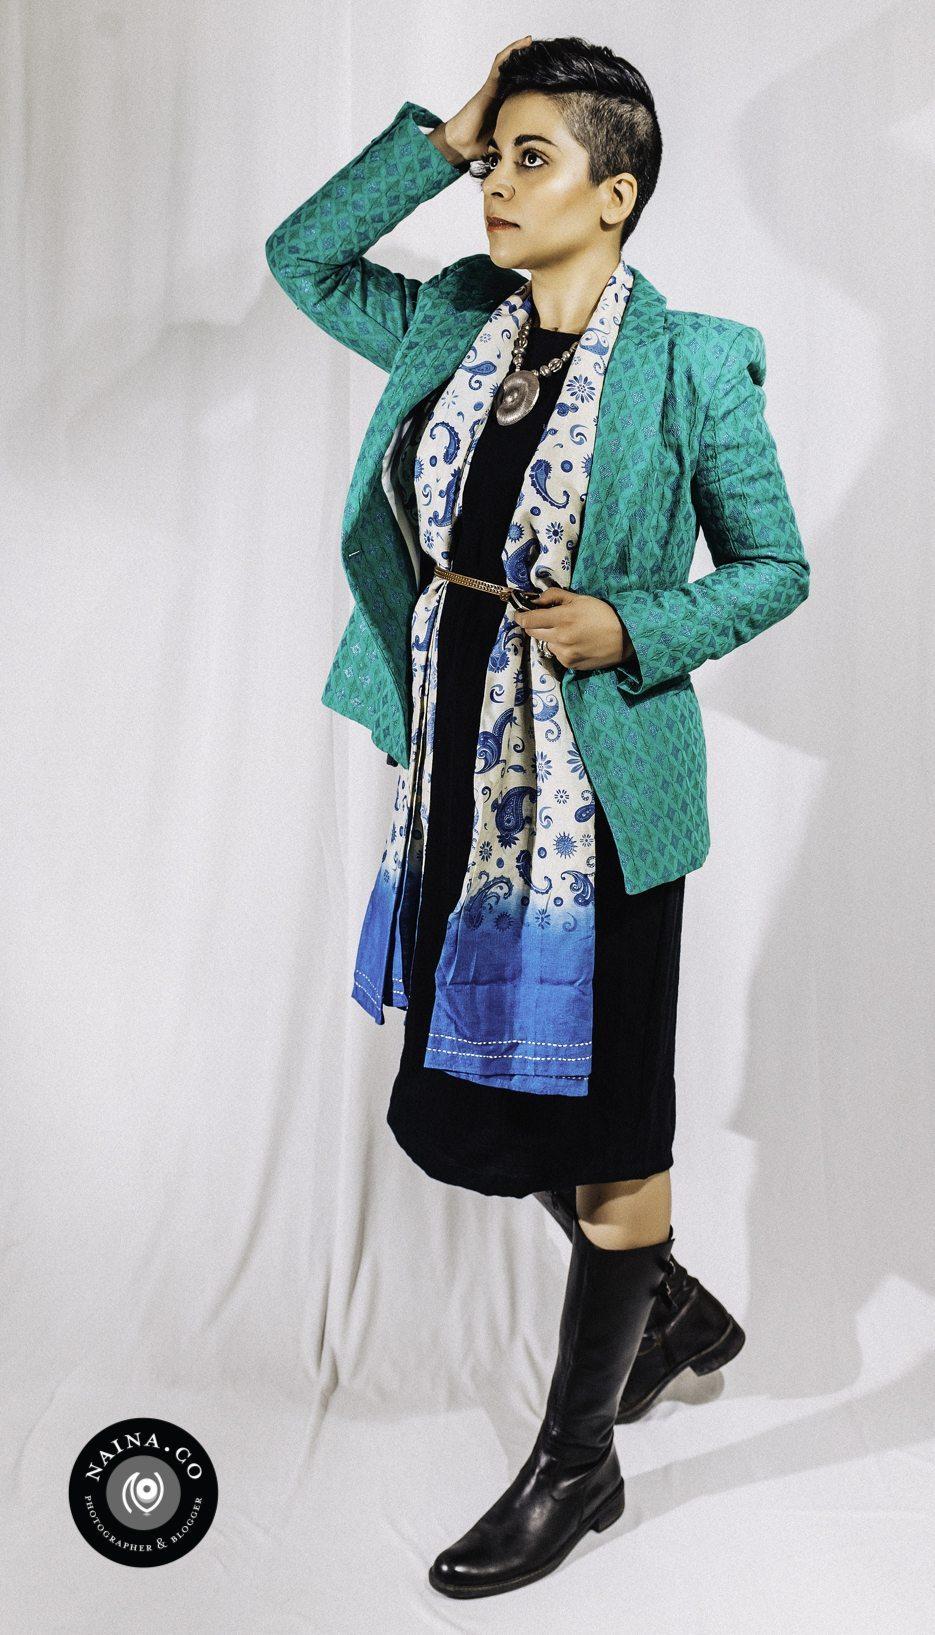 Naina.co-Raconteuse-Visuelle-Photographer-Blogger-Storyteller-Luxury-Lifestyle-February-2015-CoverUp-28